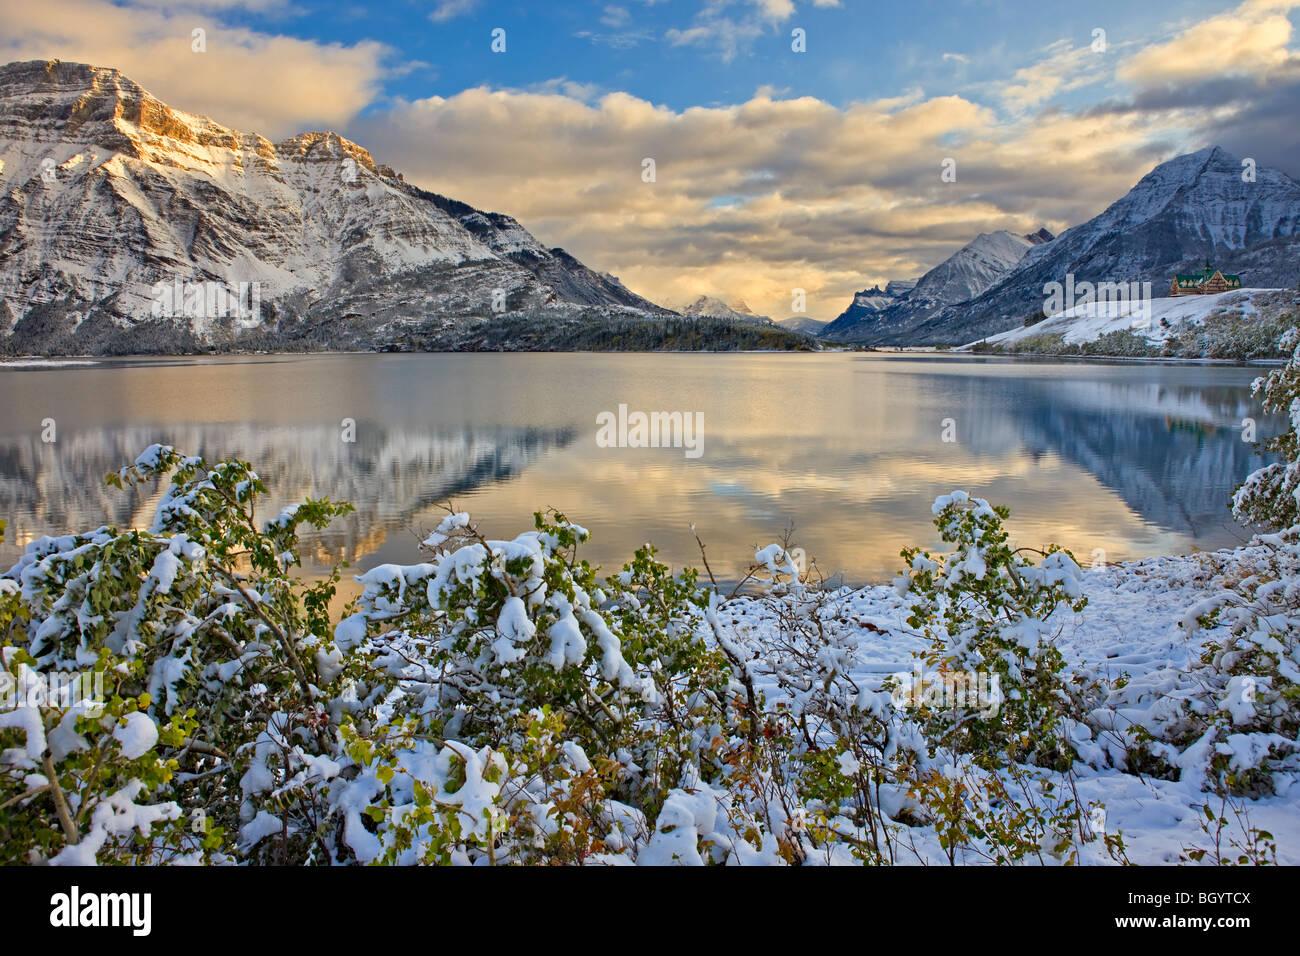 Prince of Wales Hotel di fronte Mt Vimy e affacciato sul centro lago di Waterton dopo la prima nevicata di inverno, Immagini Stock